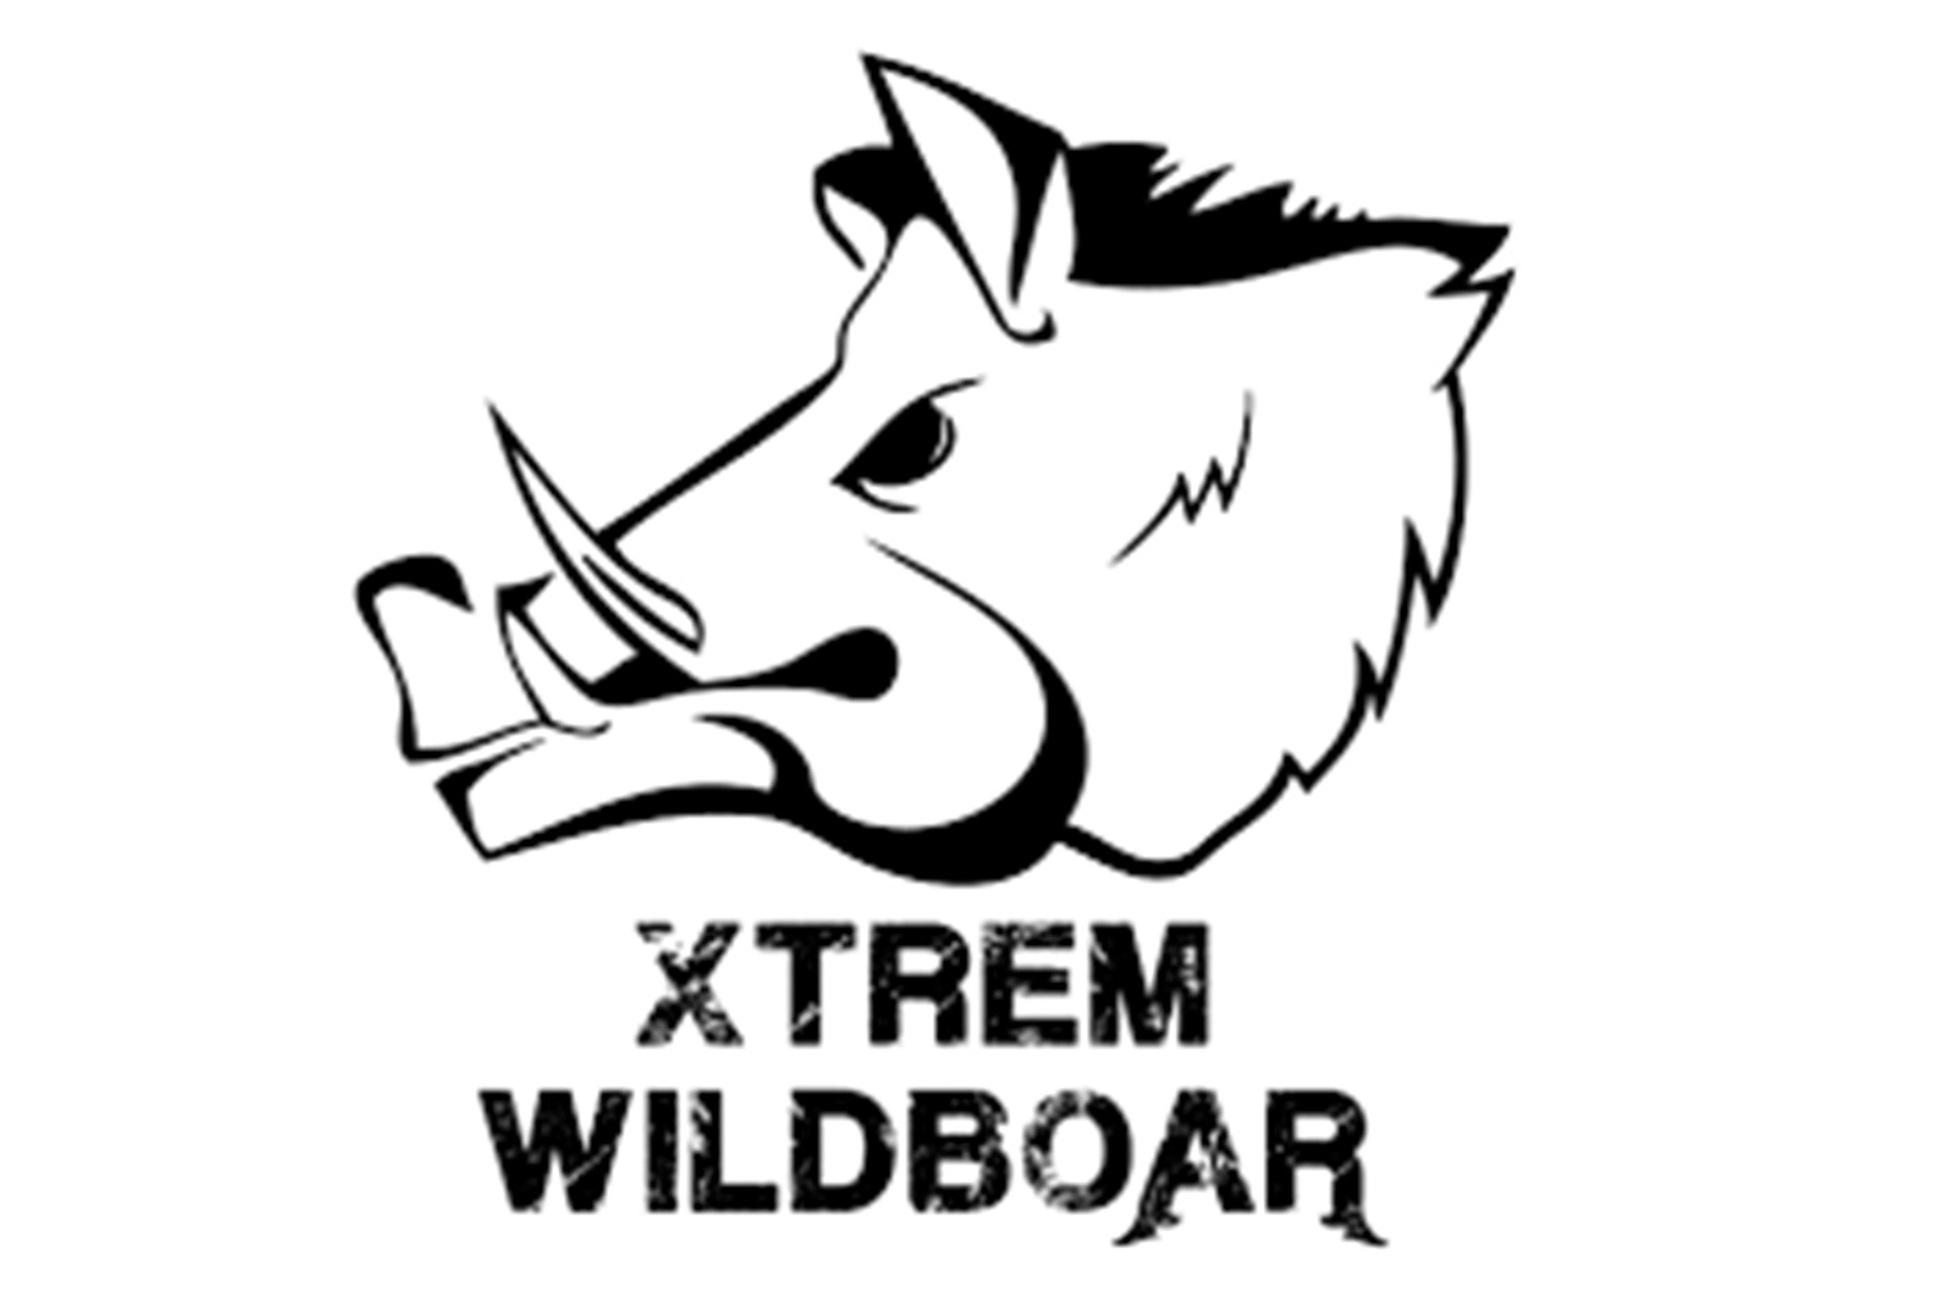 Monture Xtrem Wildboar